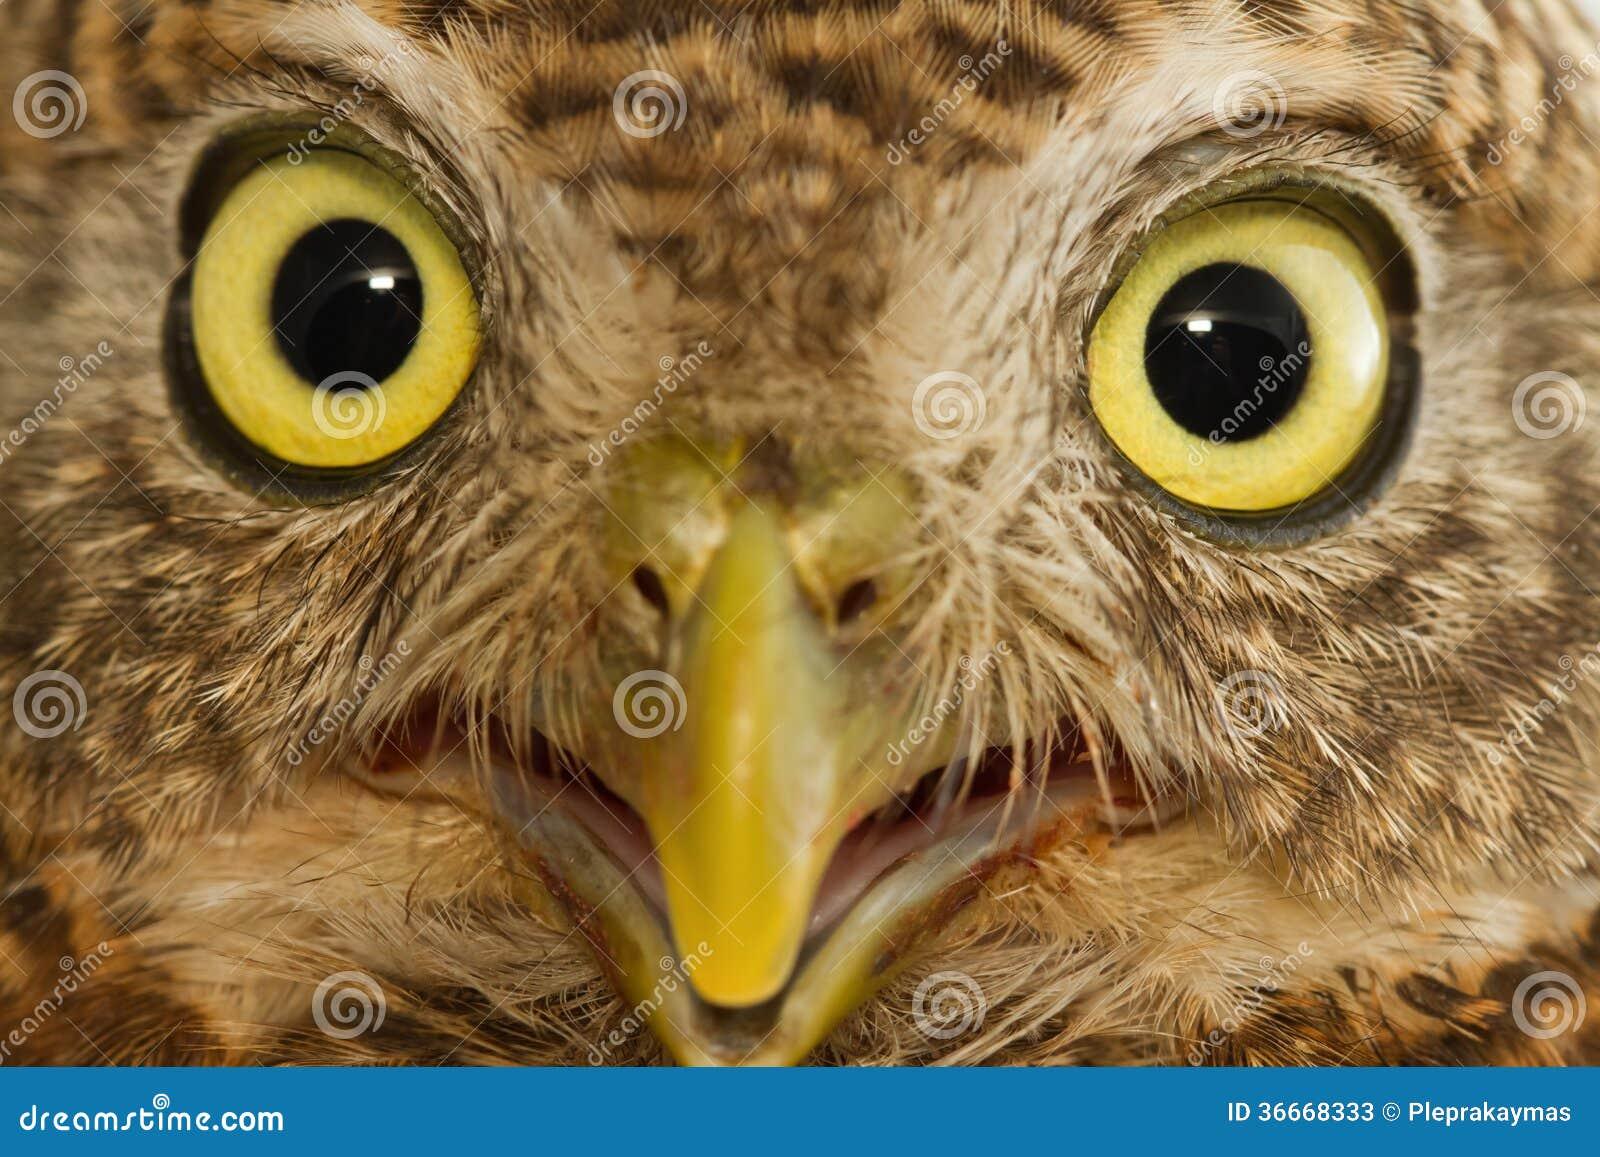 亚洲人禁止的猫头鹰之子,精选的焦点的金黄眼睛.